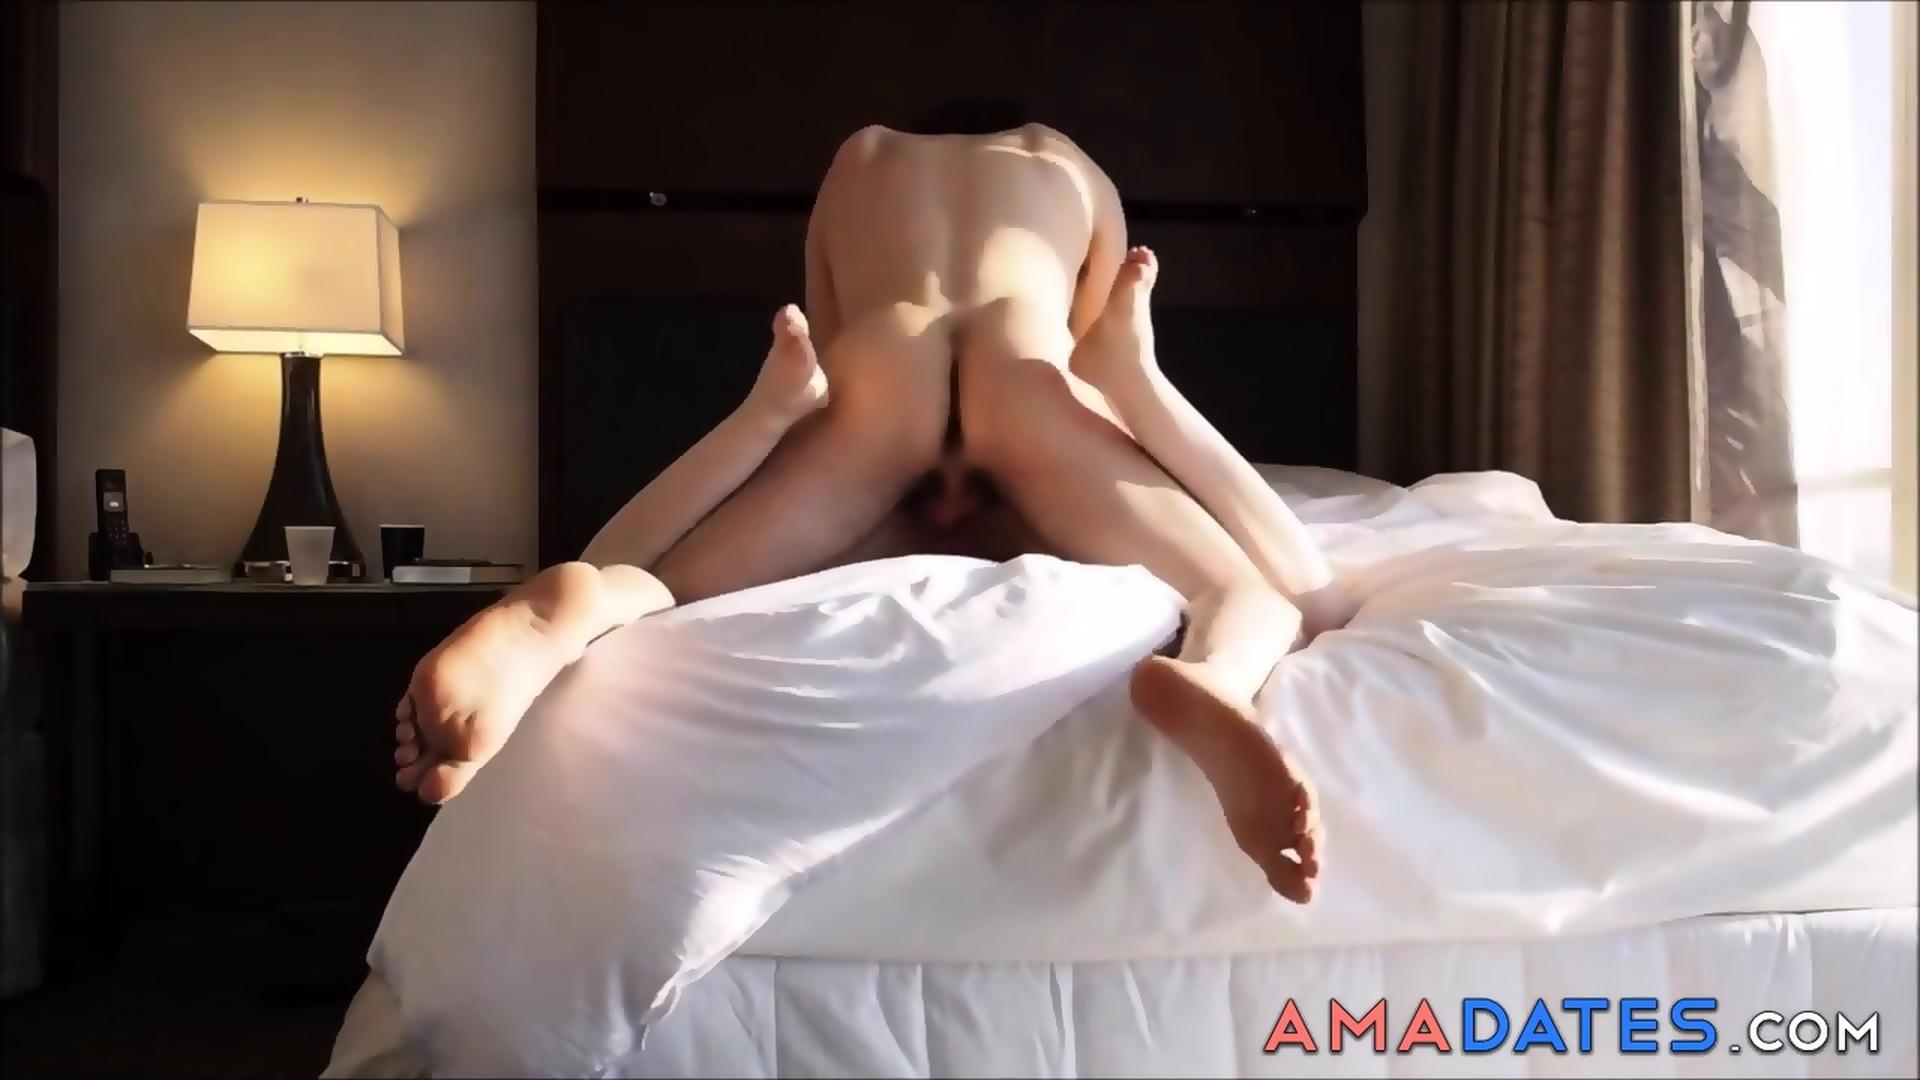 Hidden cam in hotel room